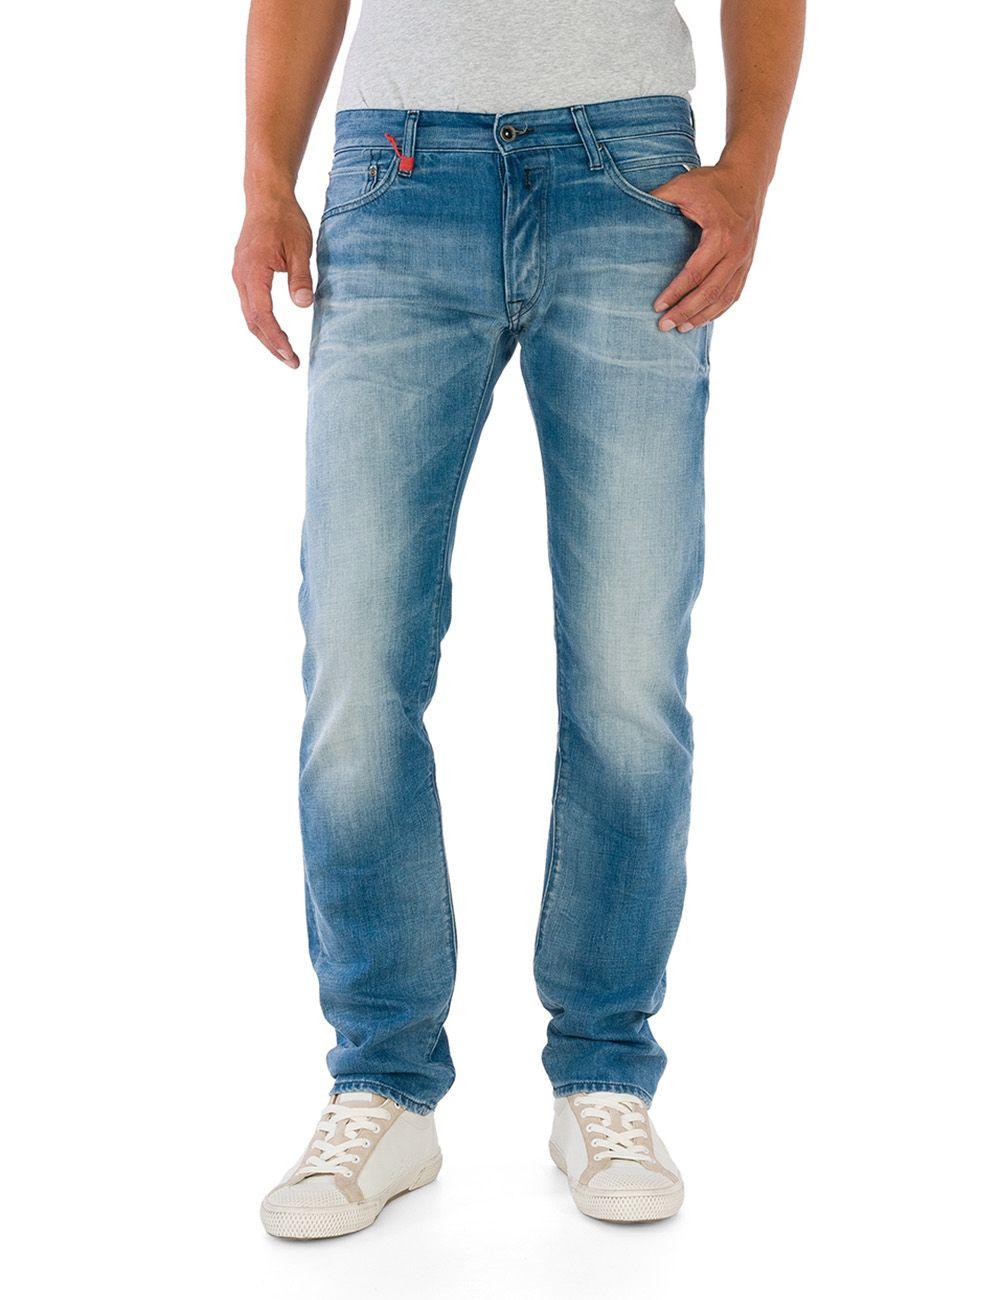 replay lenrick regular slim fit denim jeans in blue for men lyst. Black Bedroom Furniture Sets. Home Design Ideas